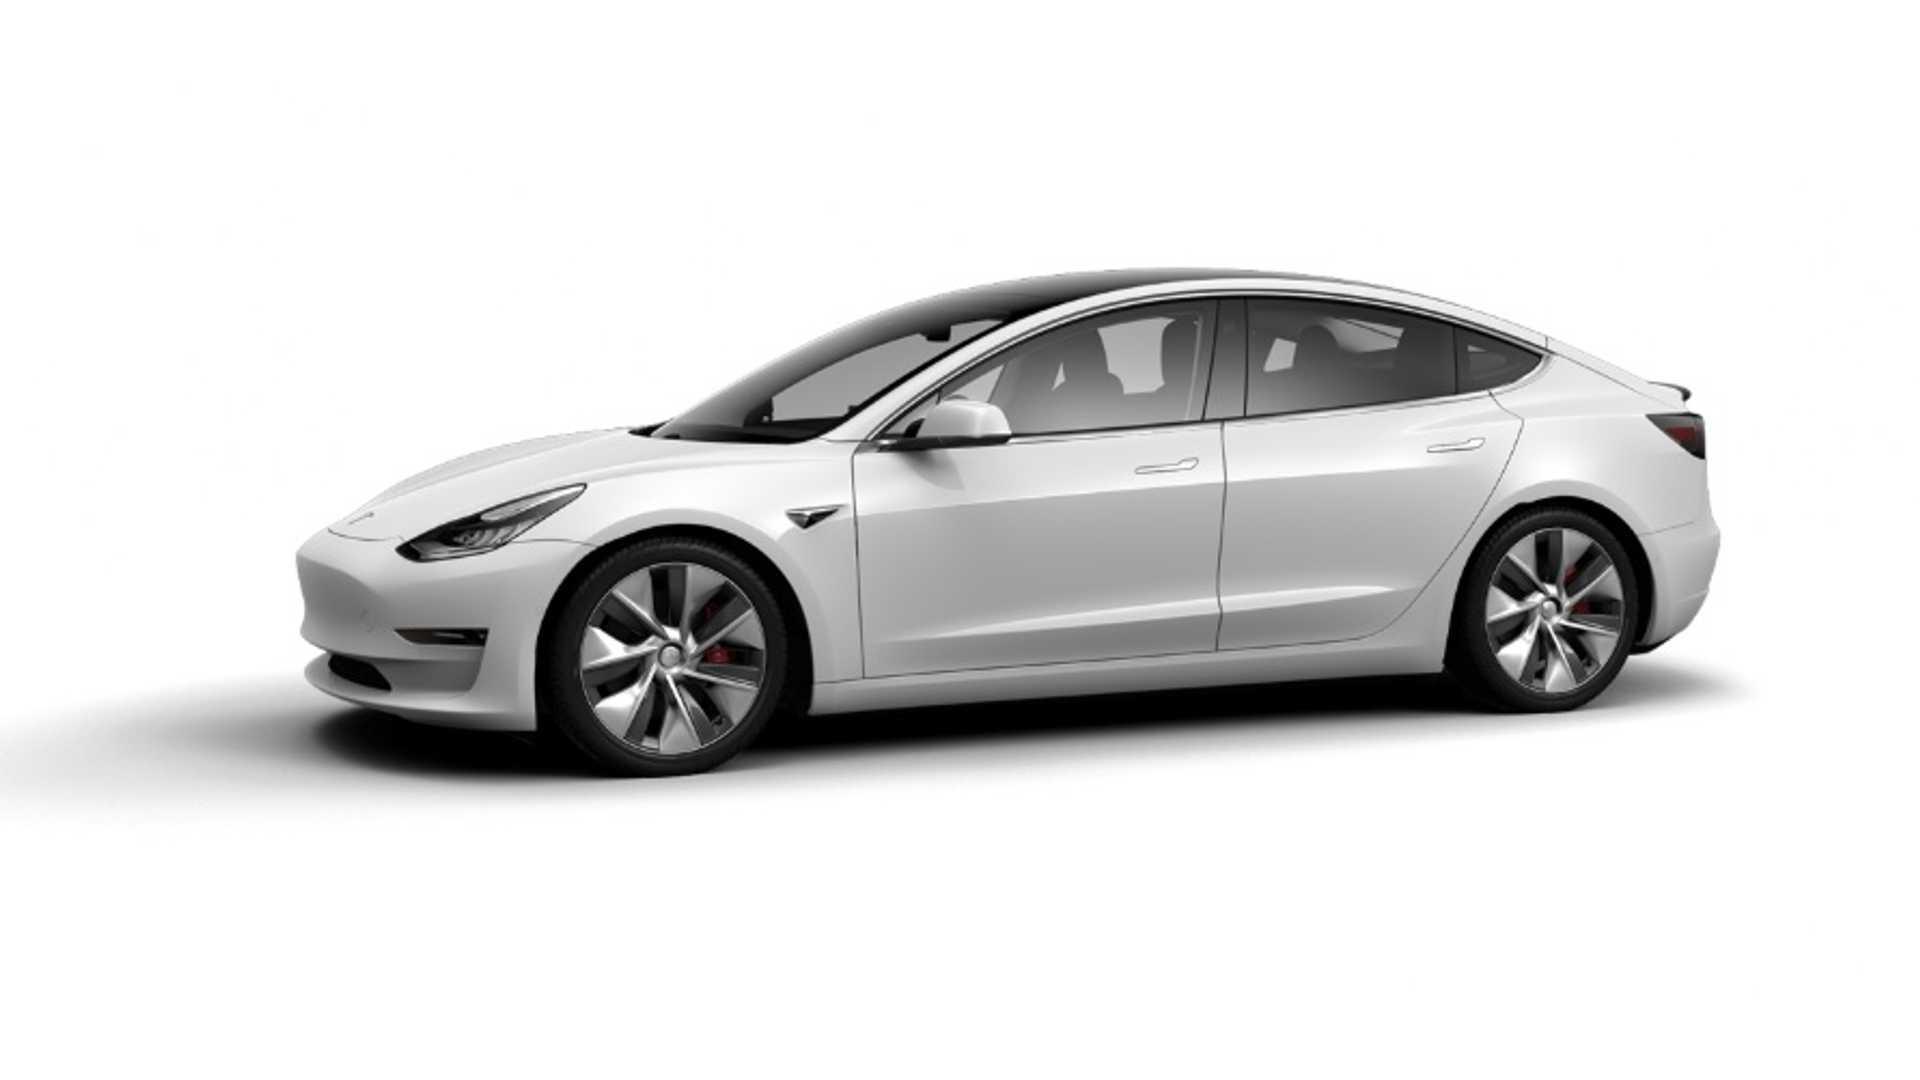 U S ' Most Affordable EVs Per Mile Of Range: Tesla Model 3 Is #1